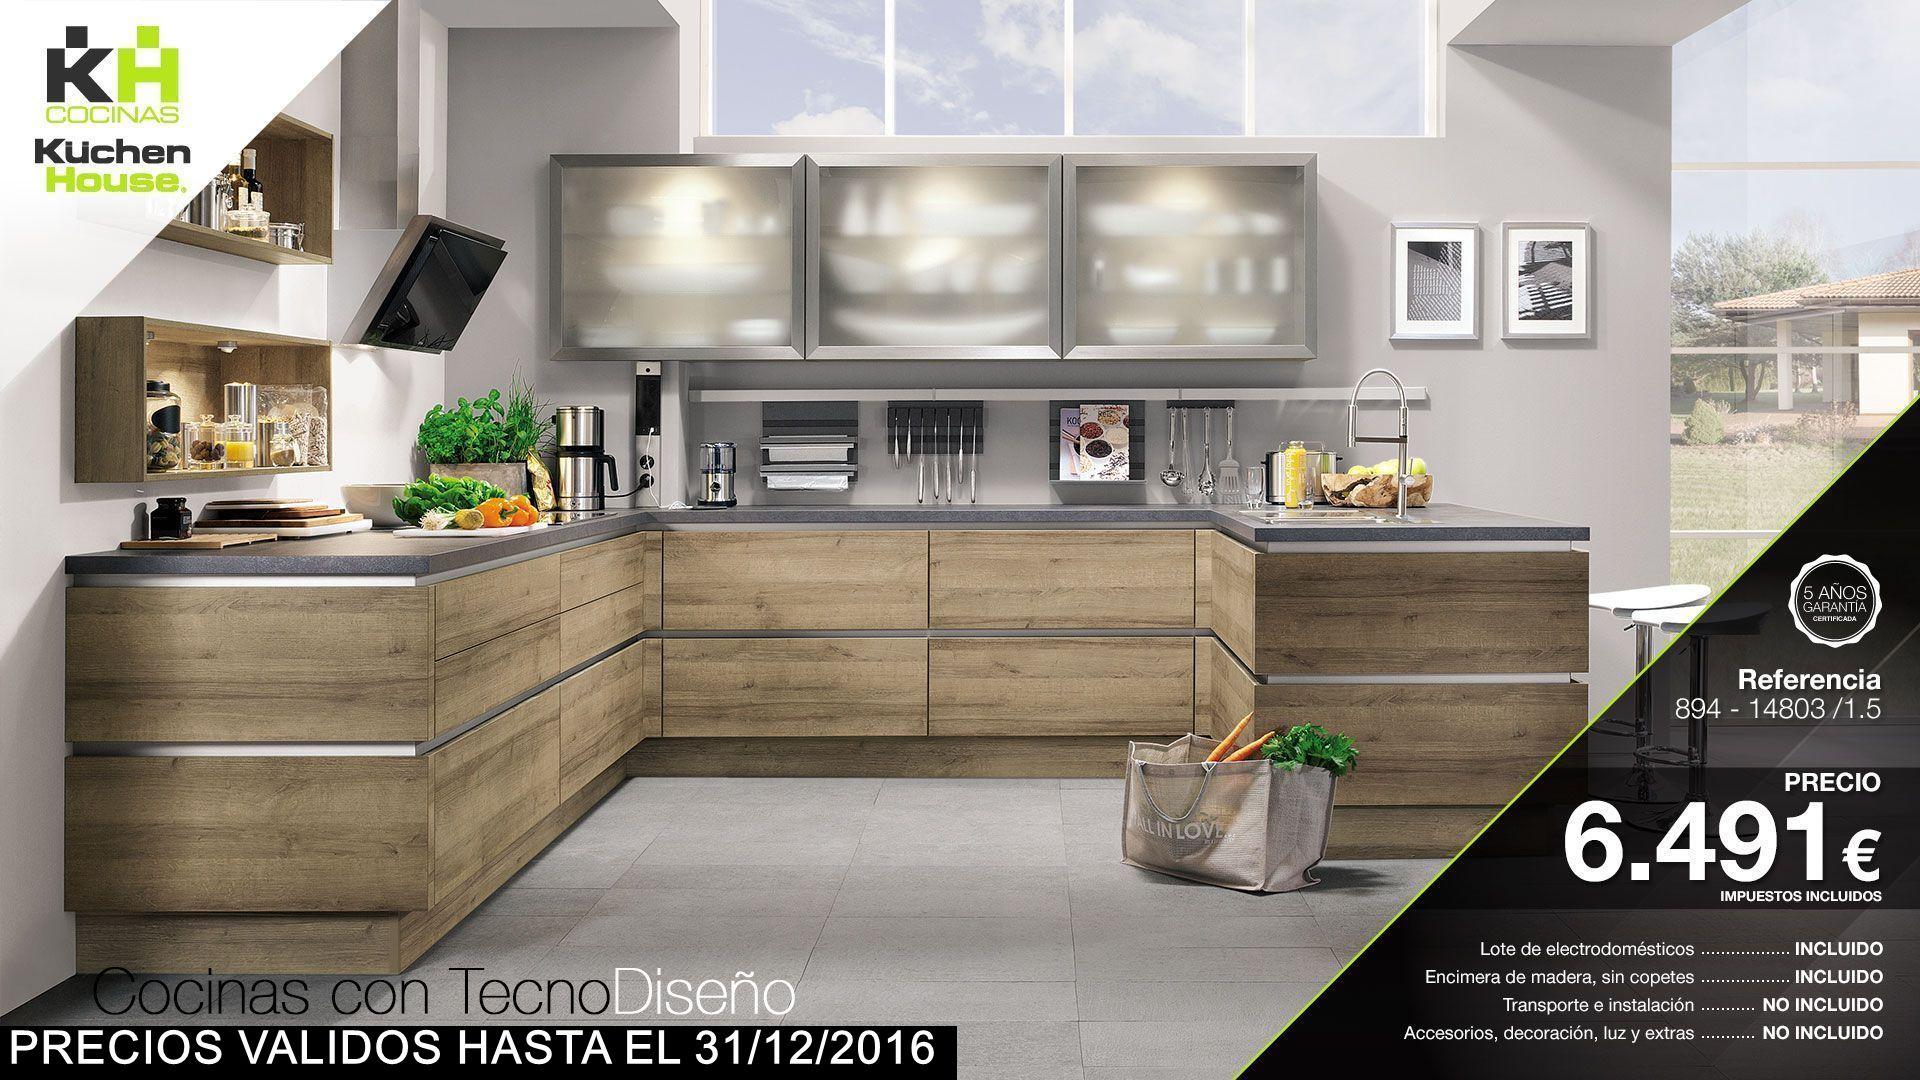 Catalogo de cocinas cocinas kuchenhouse for Muebles de cocina kuchen